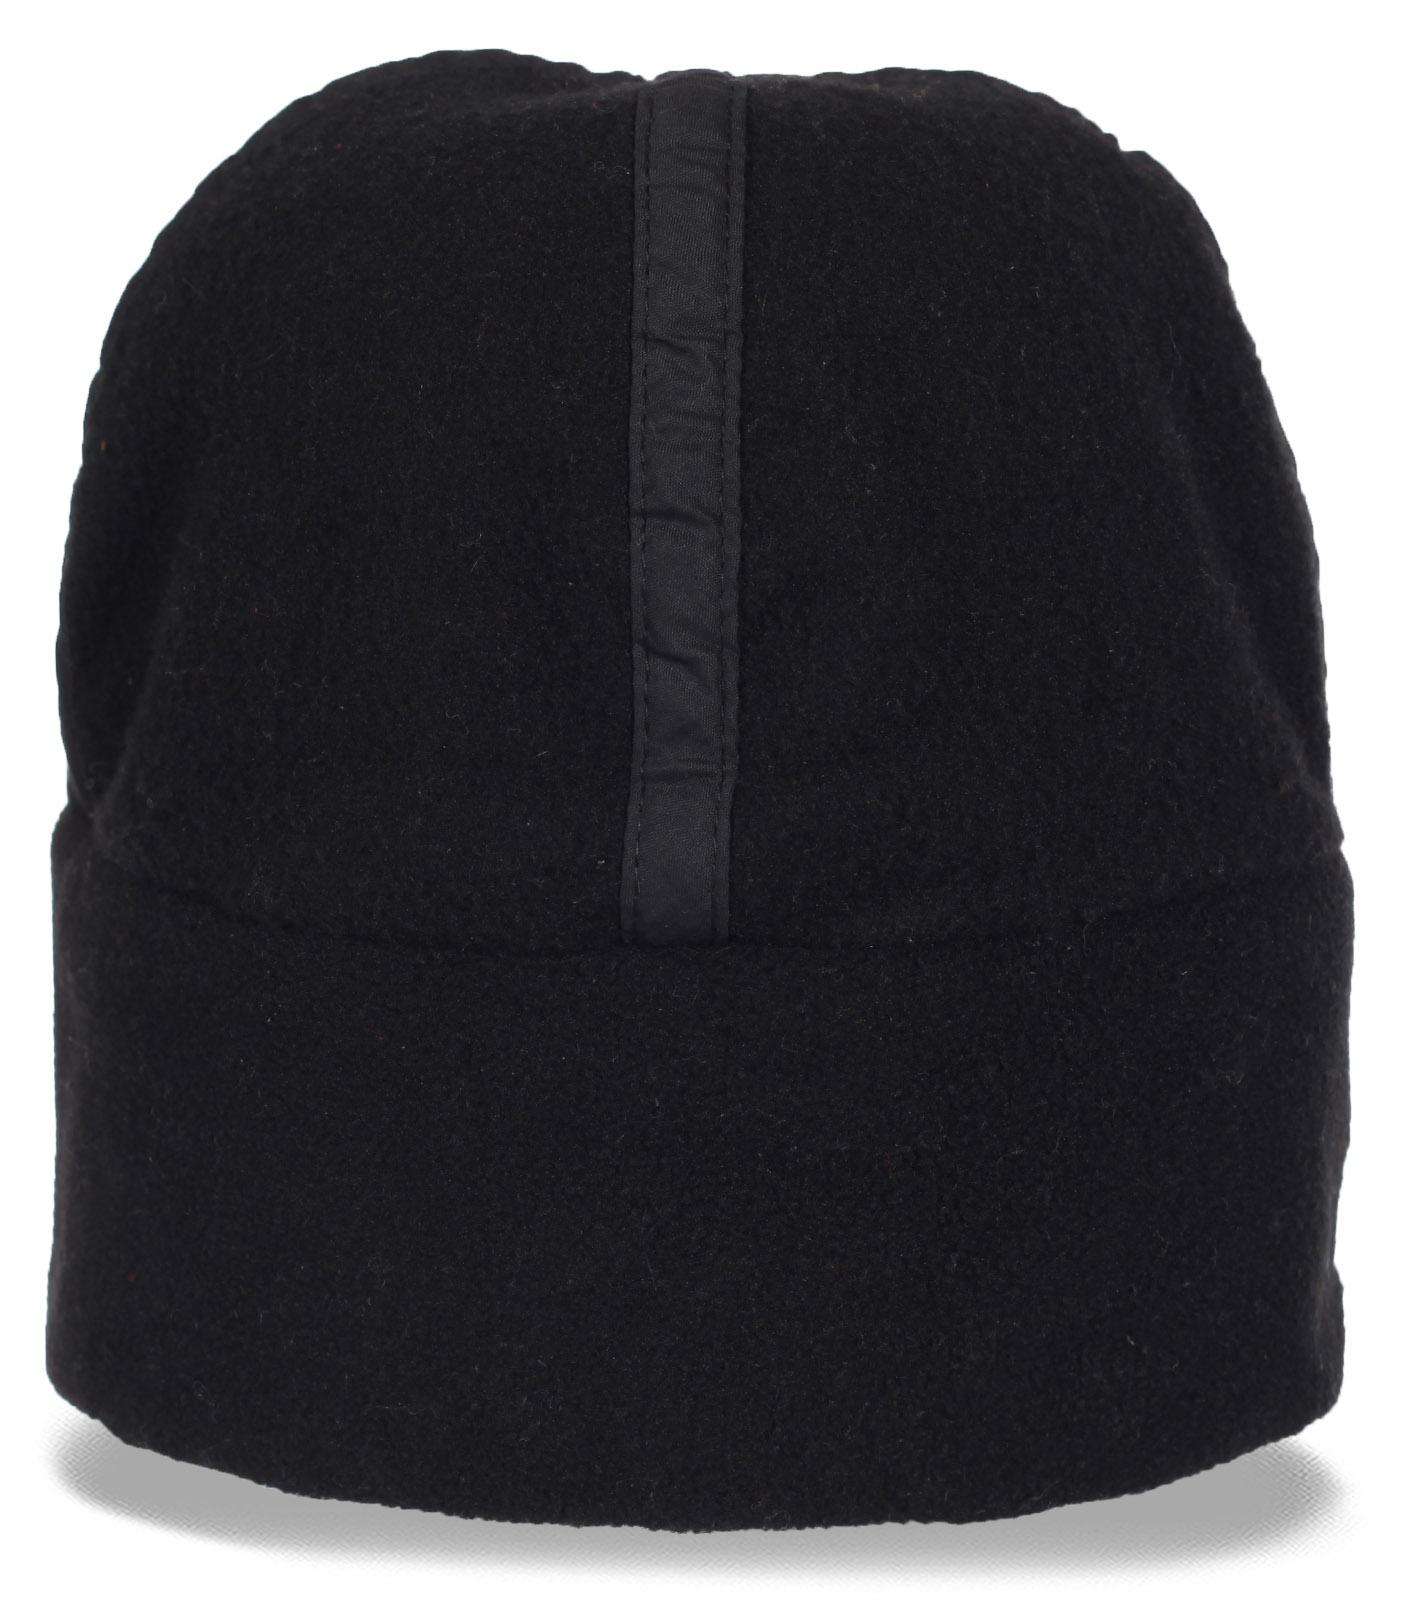 Практичная мужская флисовая шапка